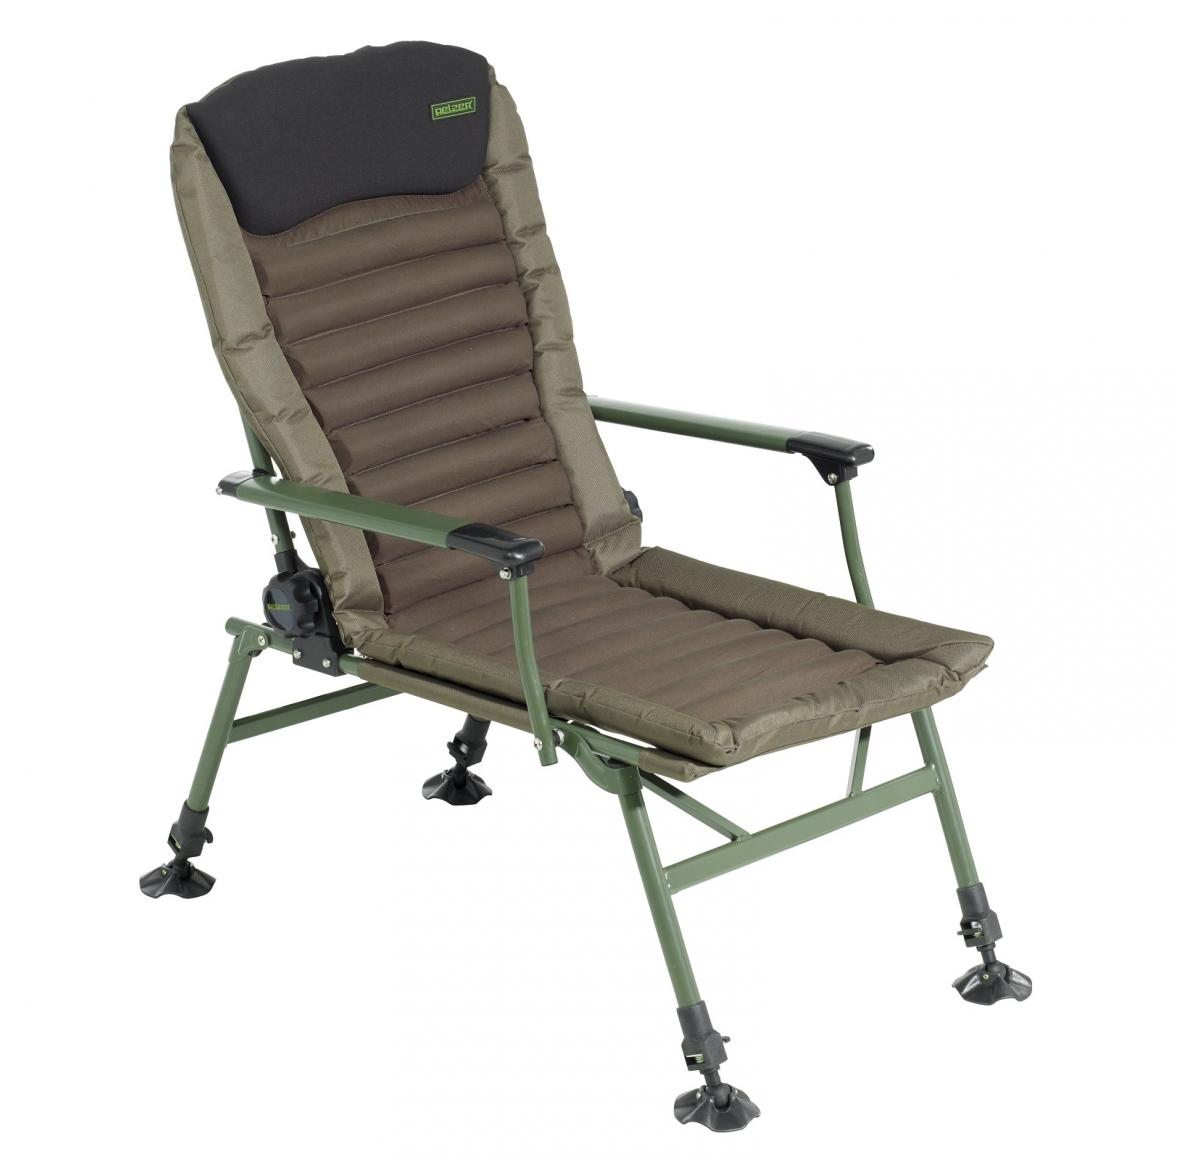 Pelzer Executive Air Chair Tube Mat